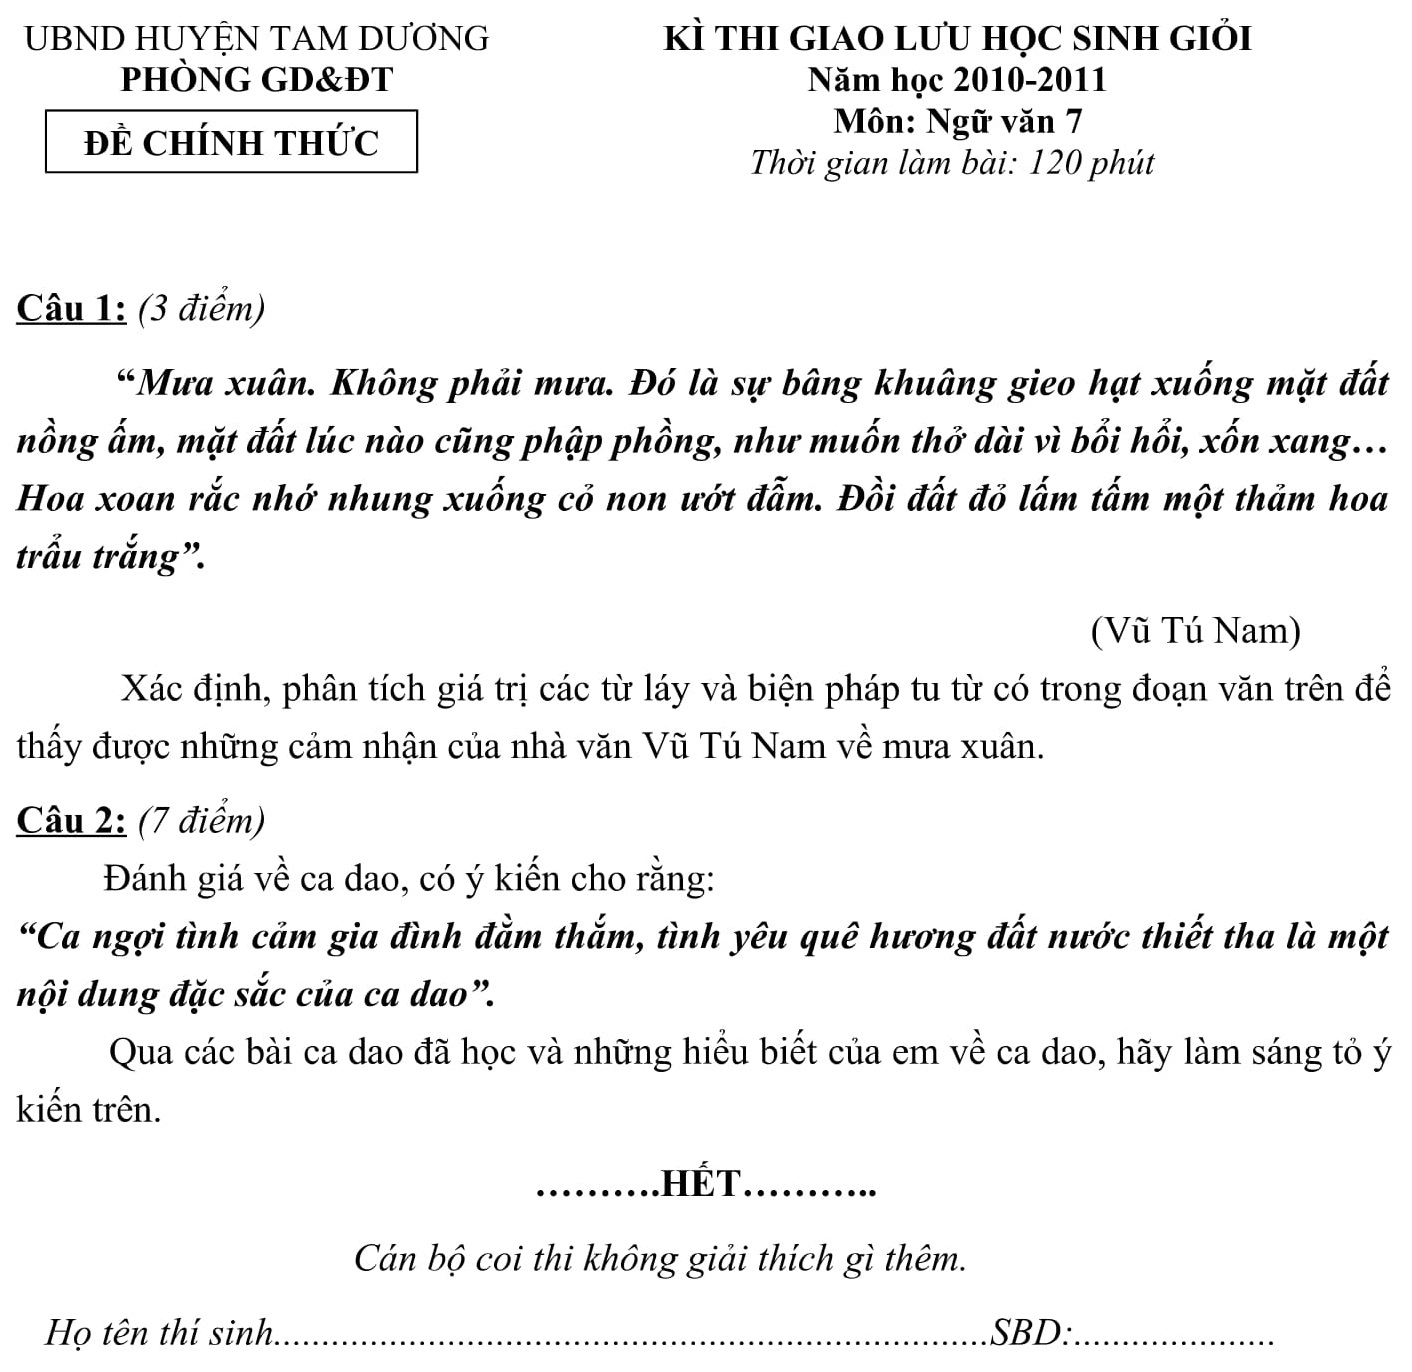 Đáp án và đề thi HSG Ngữ Văn 8 phòng GD&ĐT Tam Dương 2010-2011